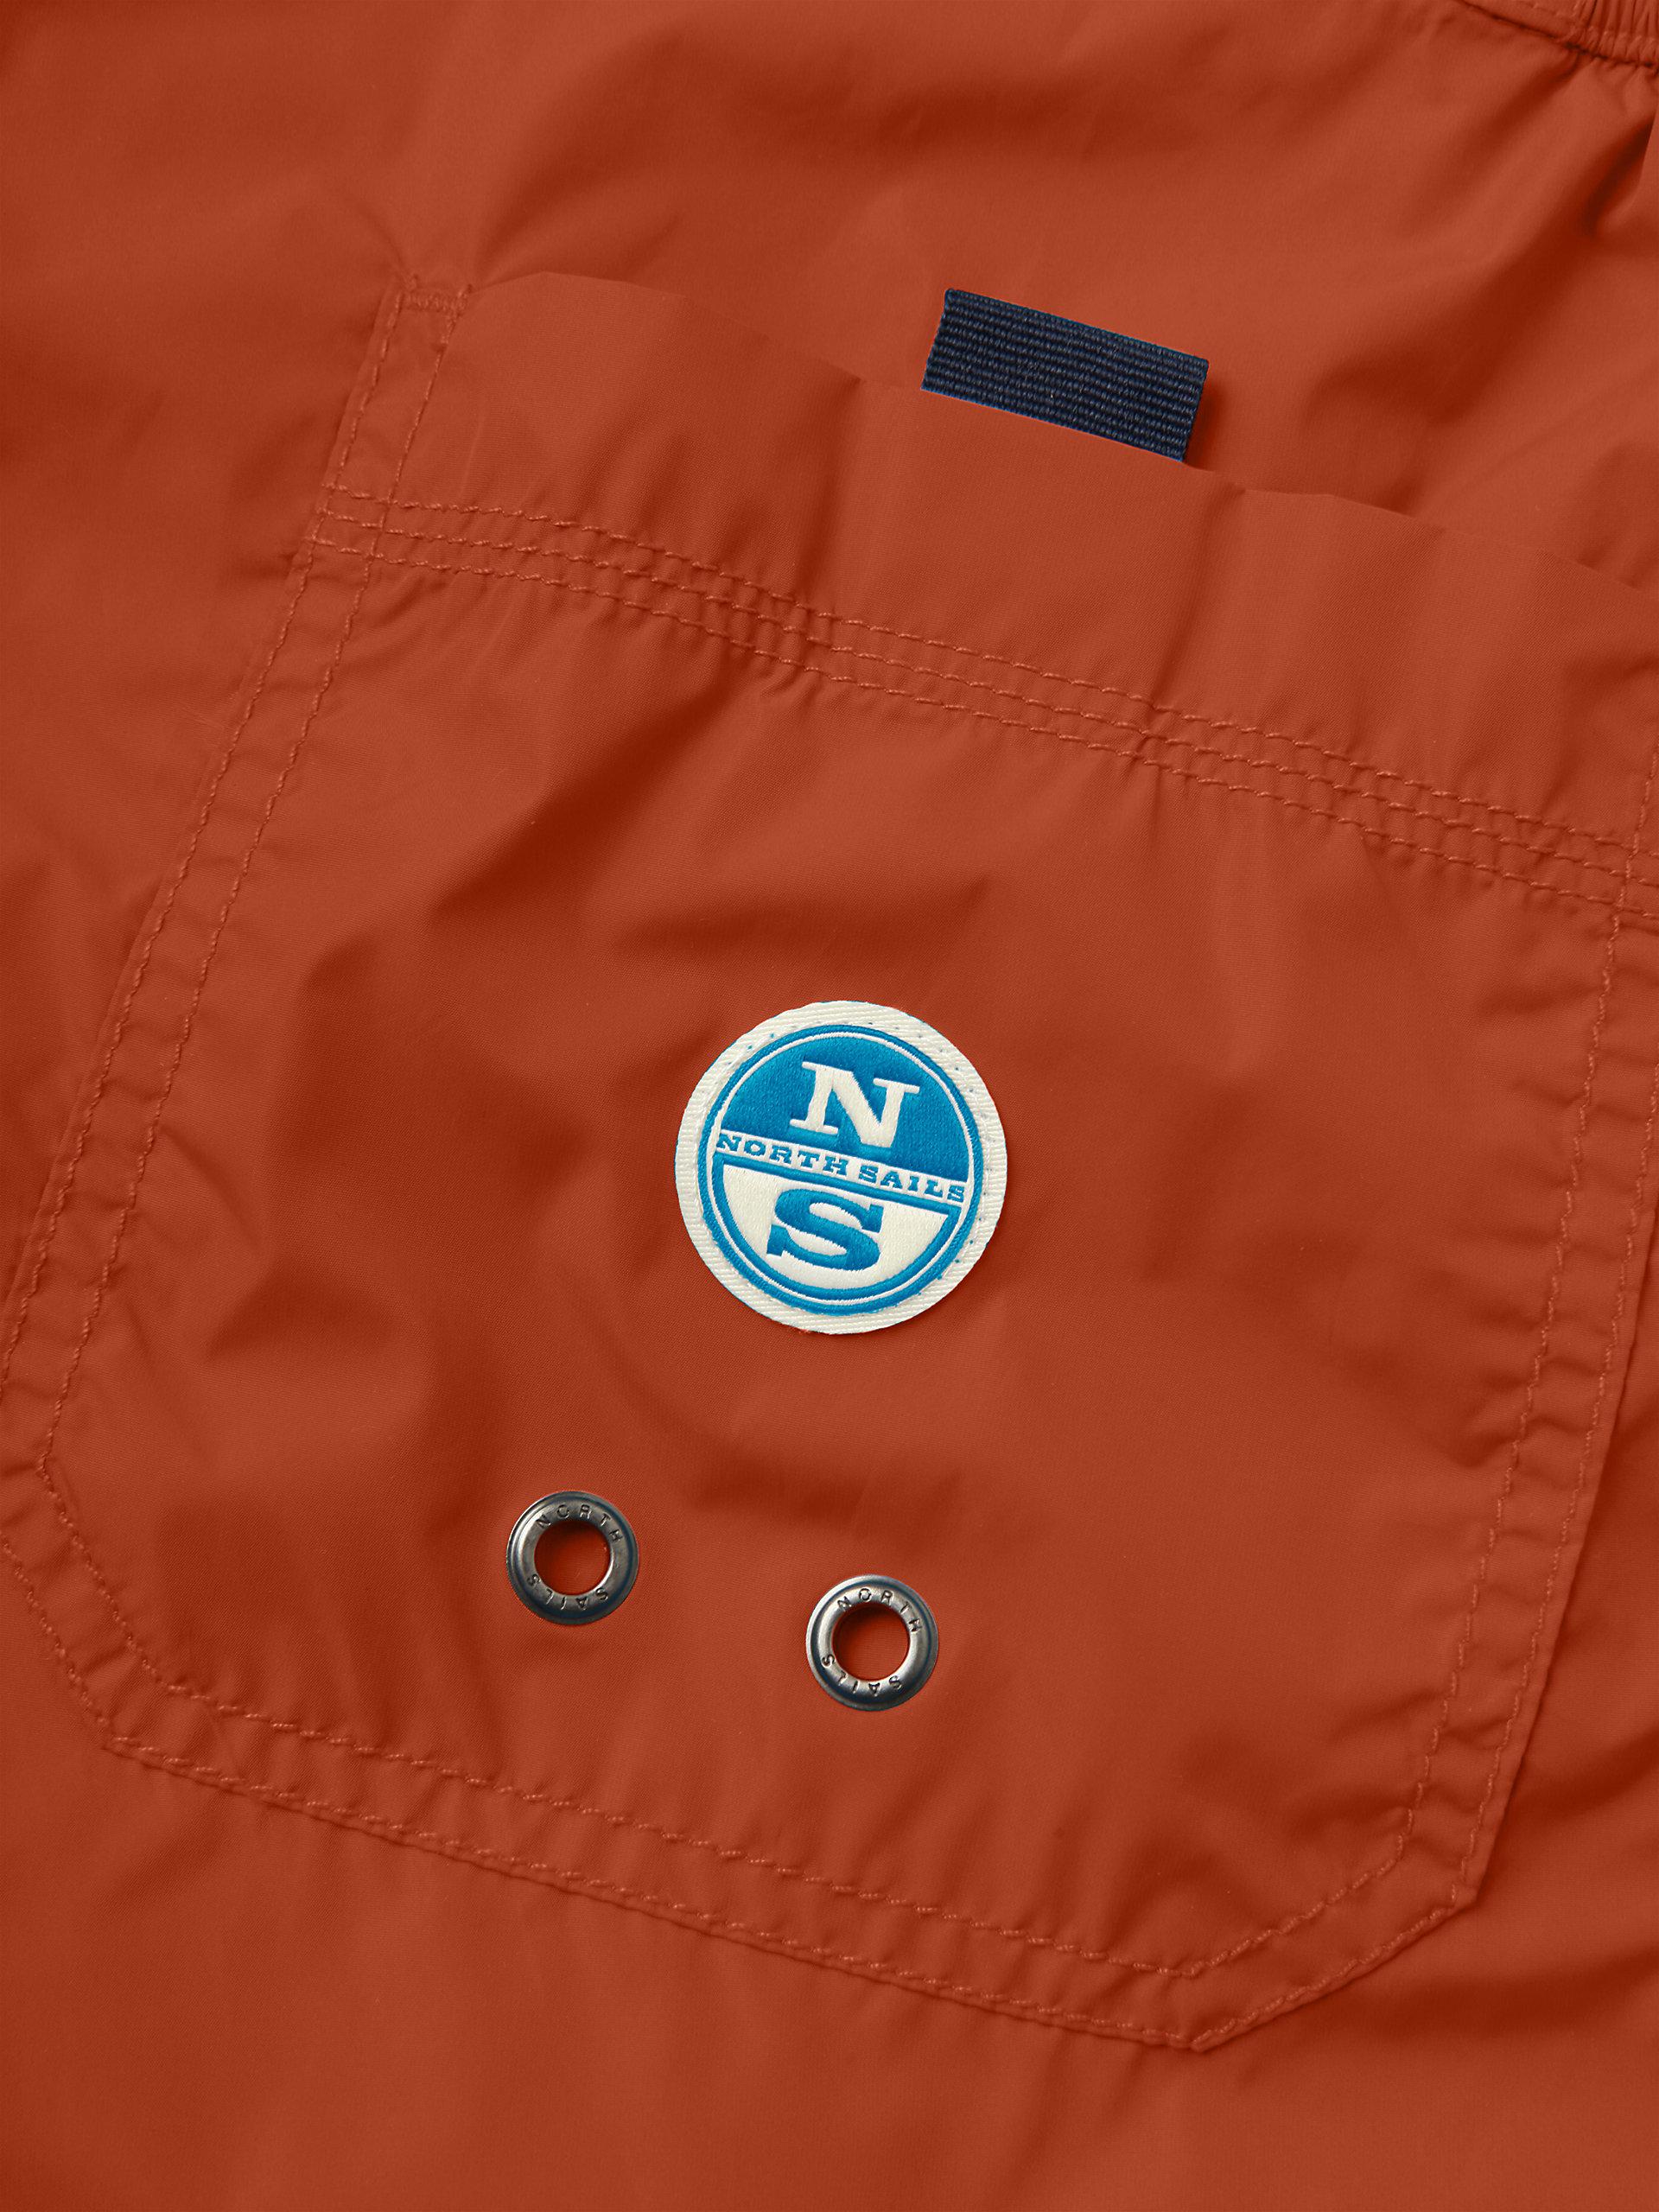 North Sails Herrenshorts mit Print Leichte Seiteneinsätze in Kontrastfarbe Kontrastfarbe Kontrastfarbe  | Verrückte Preis  fc45b5